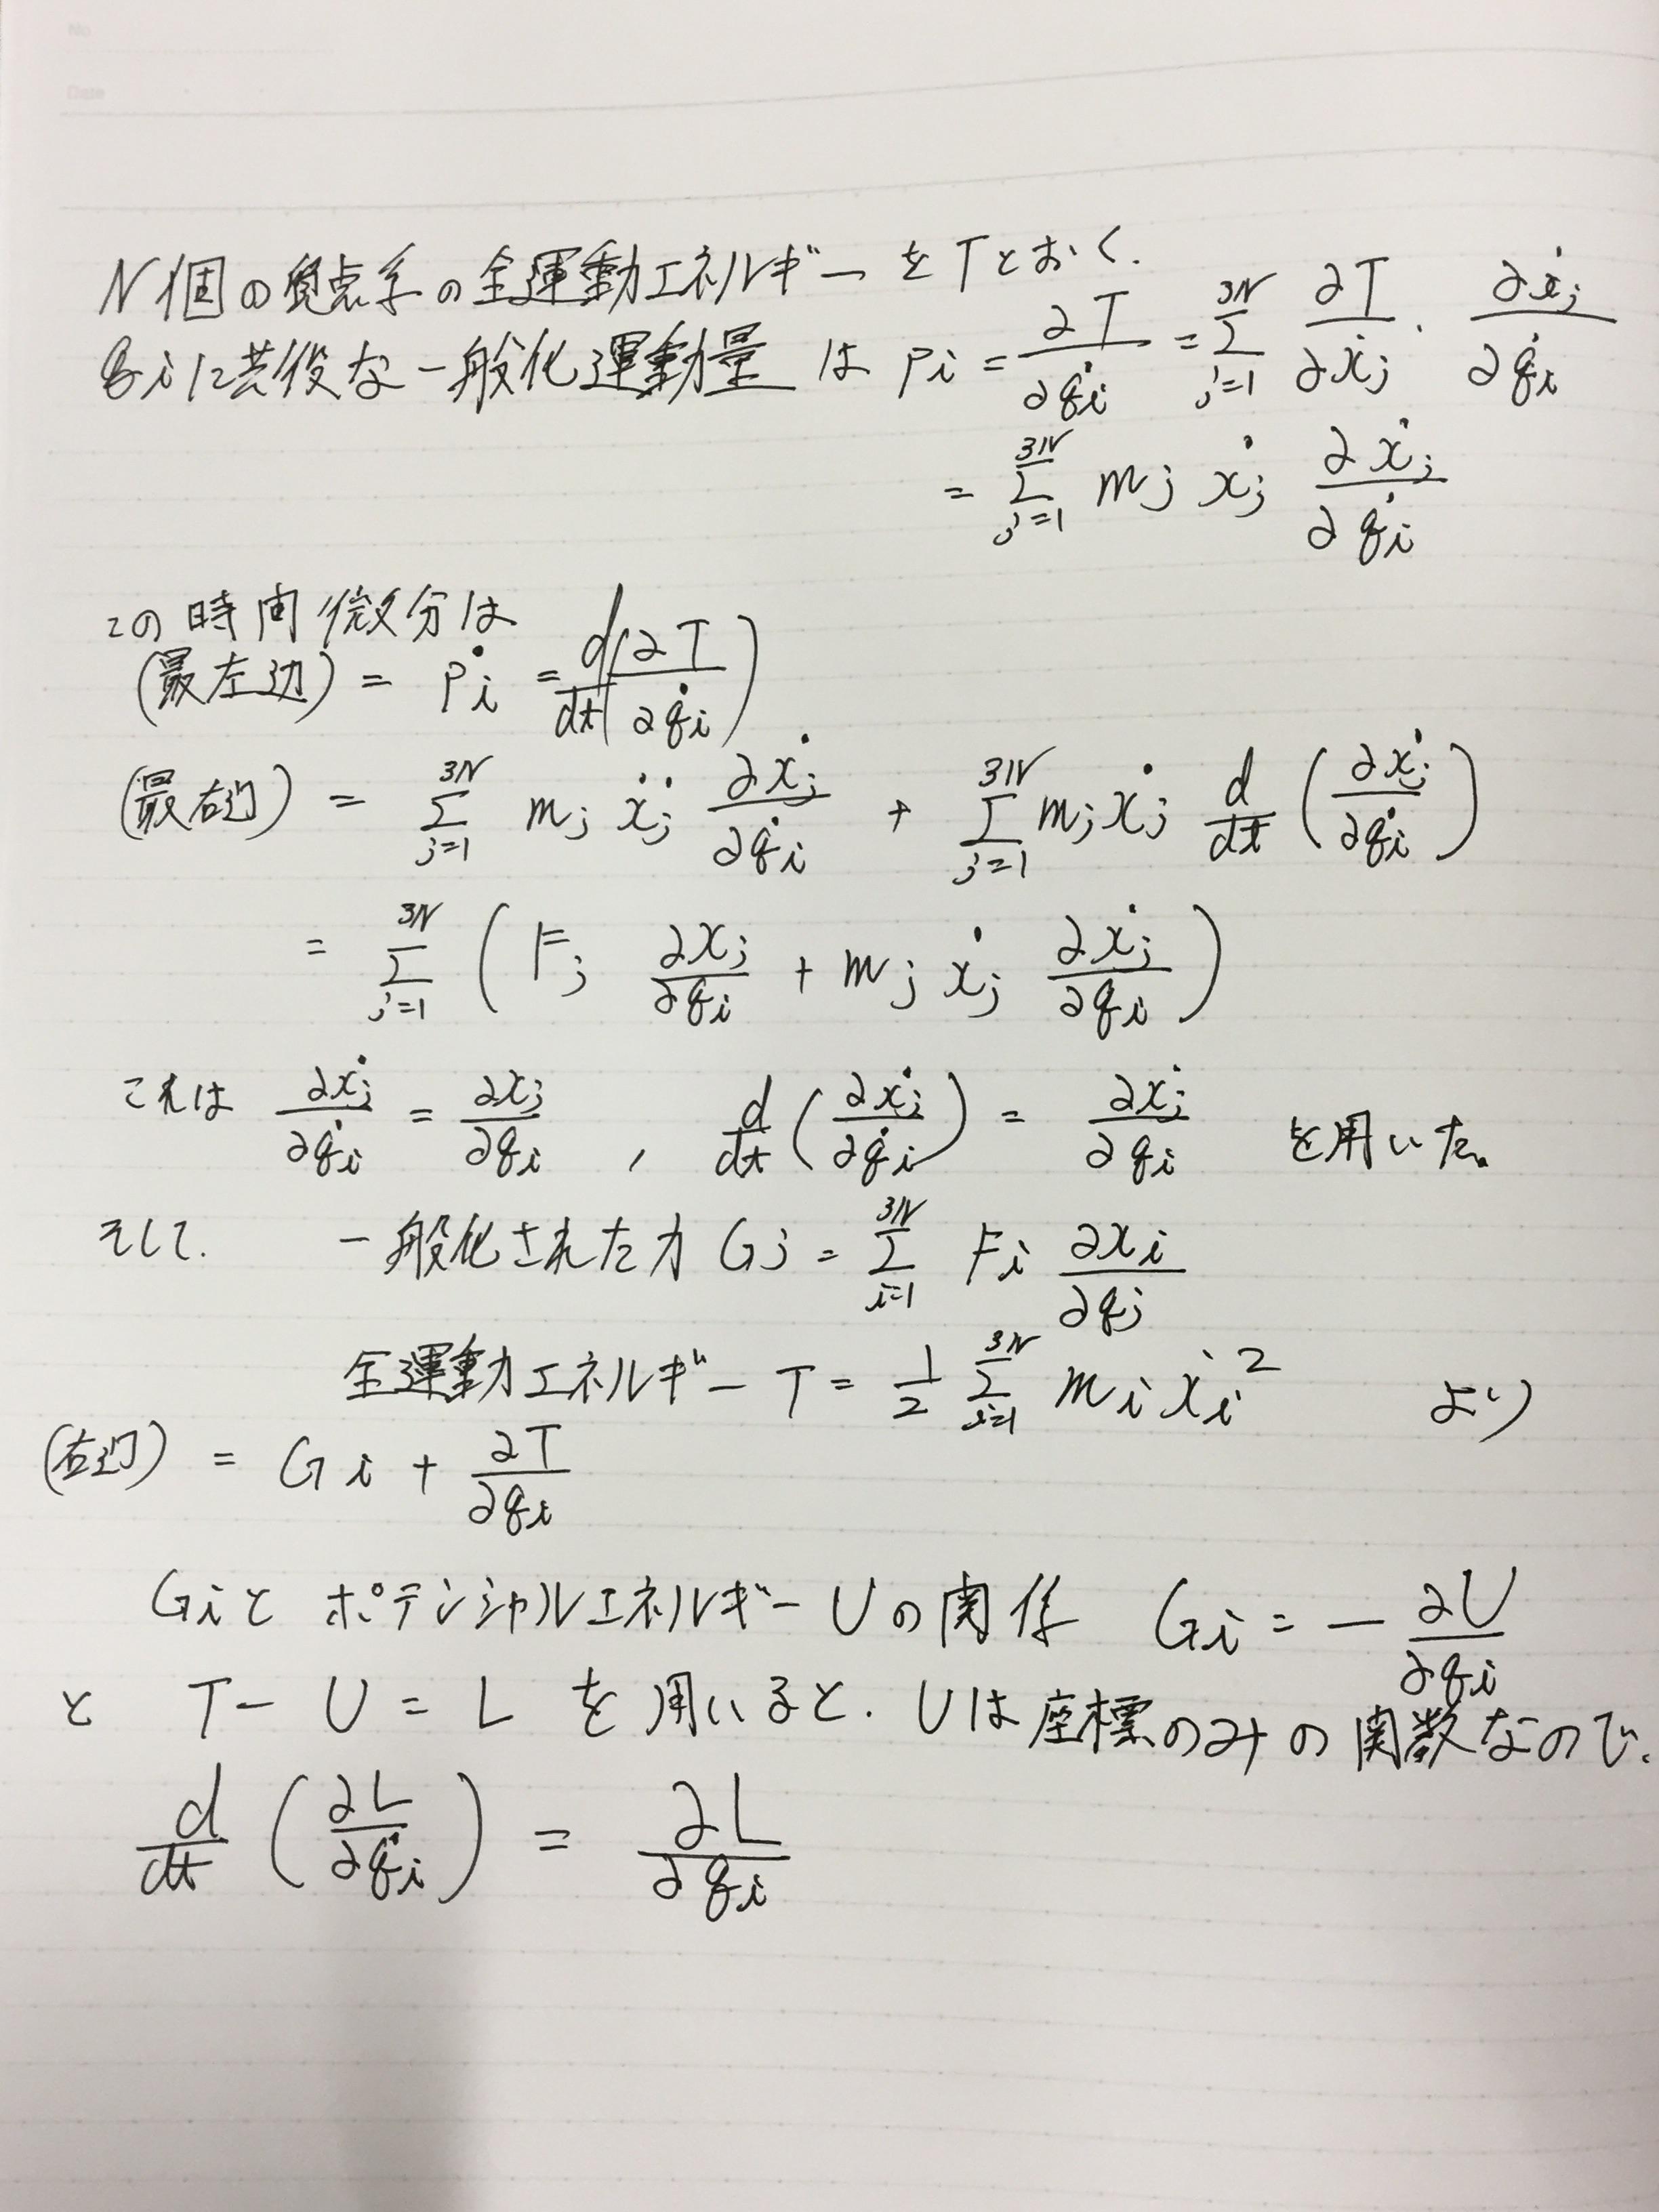 物理好き大学生のメモ的ブログ